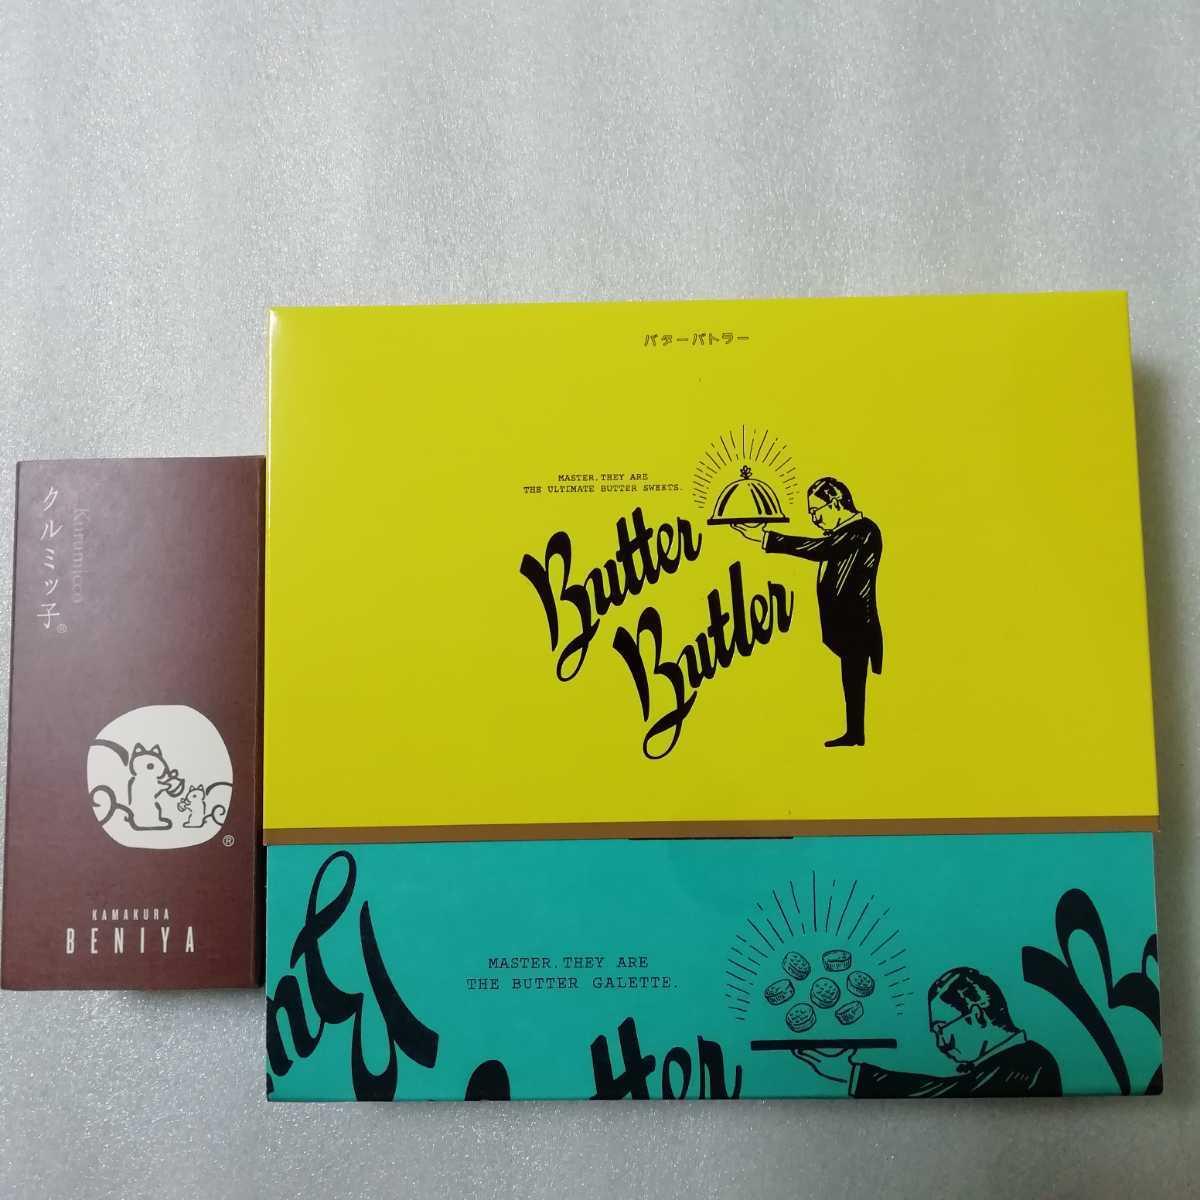 クルミッ子 バターバトラー ガレット お菓子 詰め合わせ 送料無料_画像1